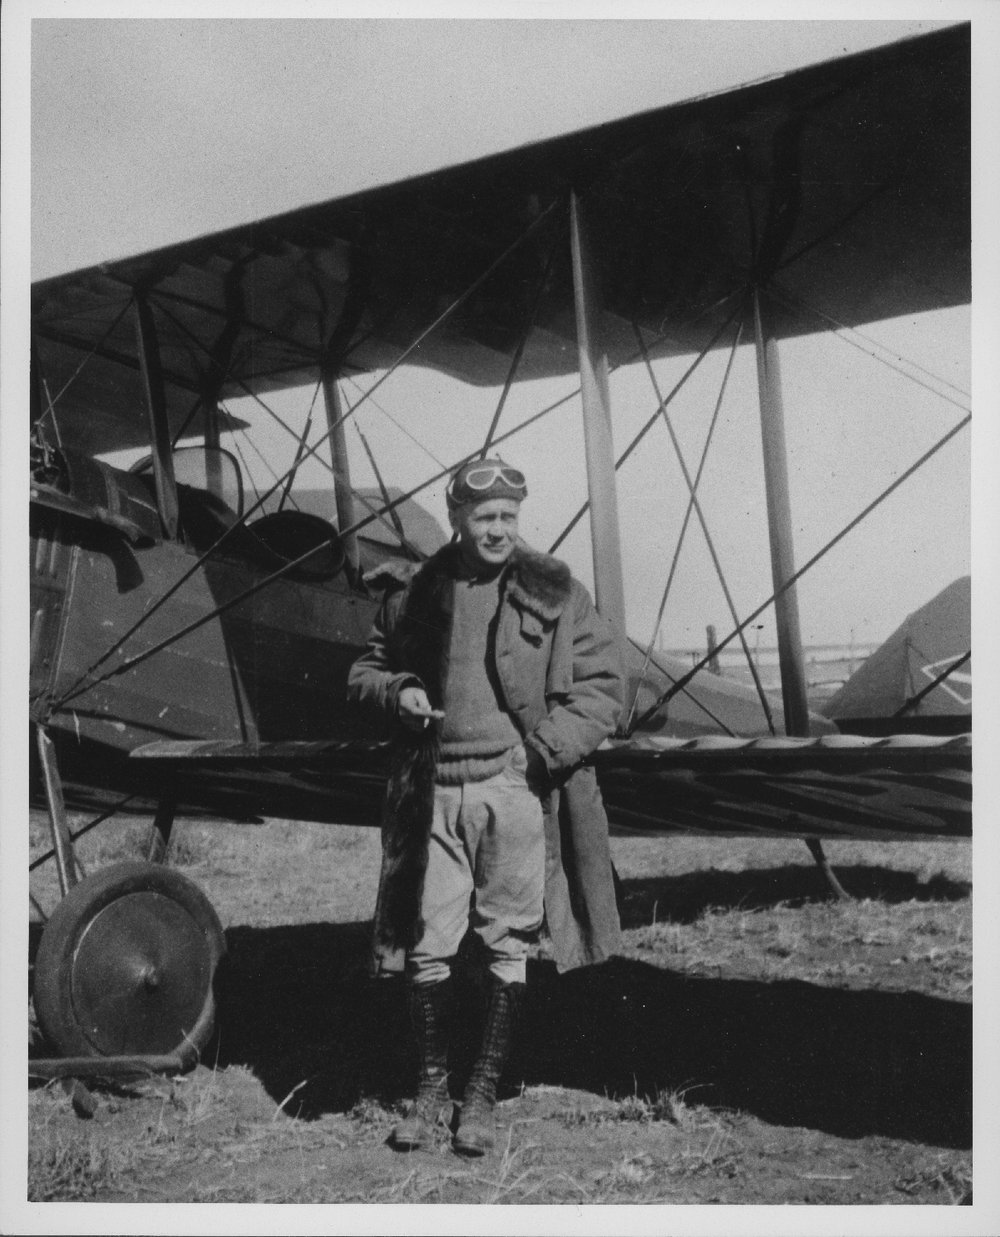 Karl Garver, Garver Flying Circus